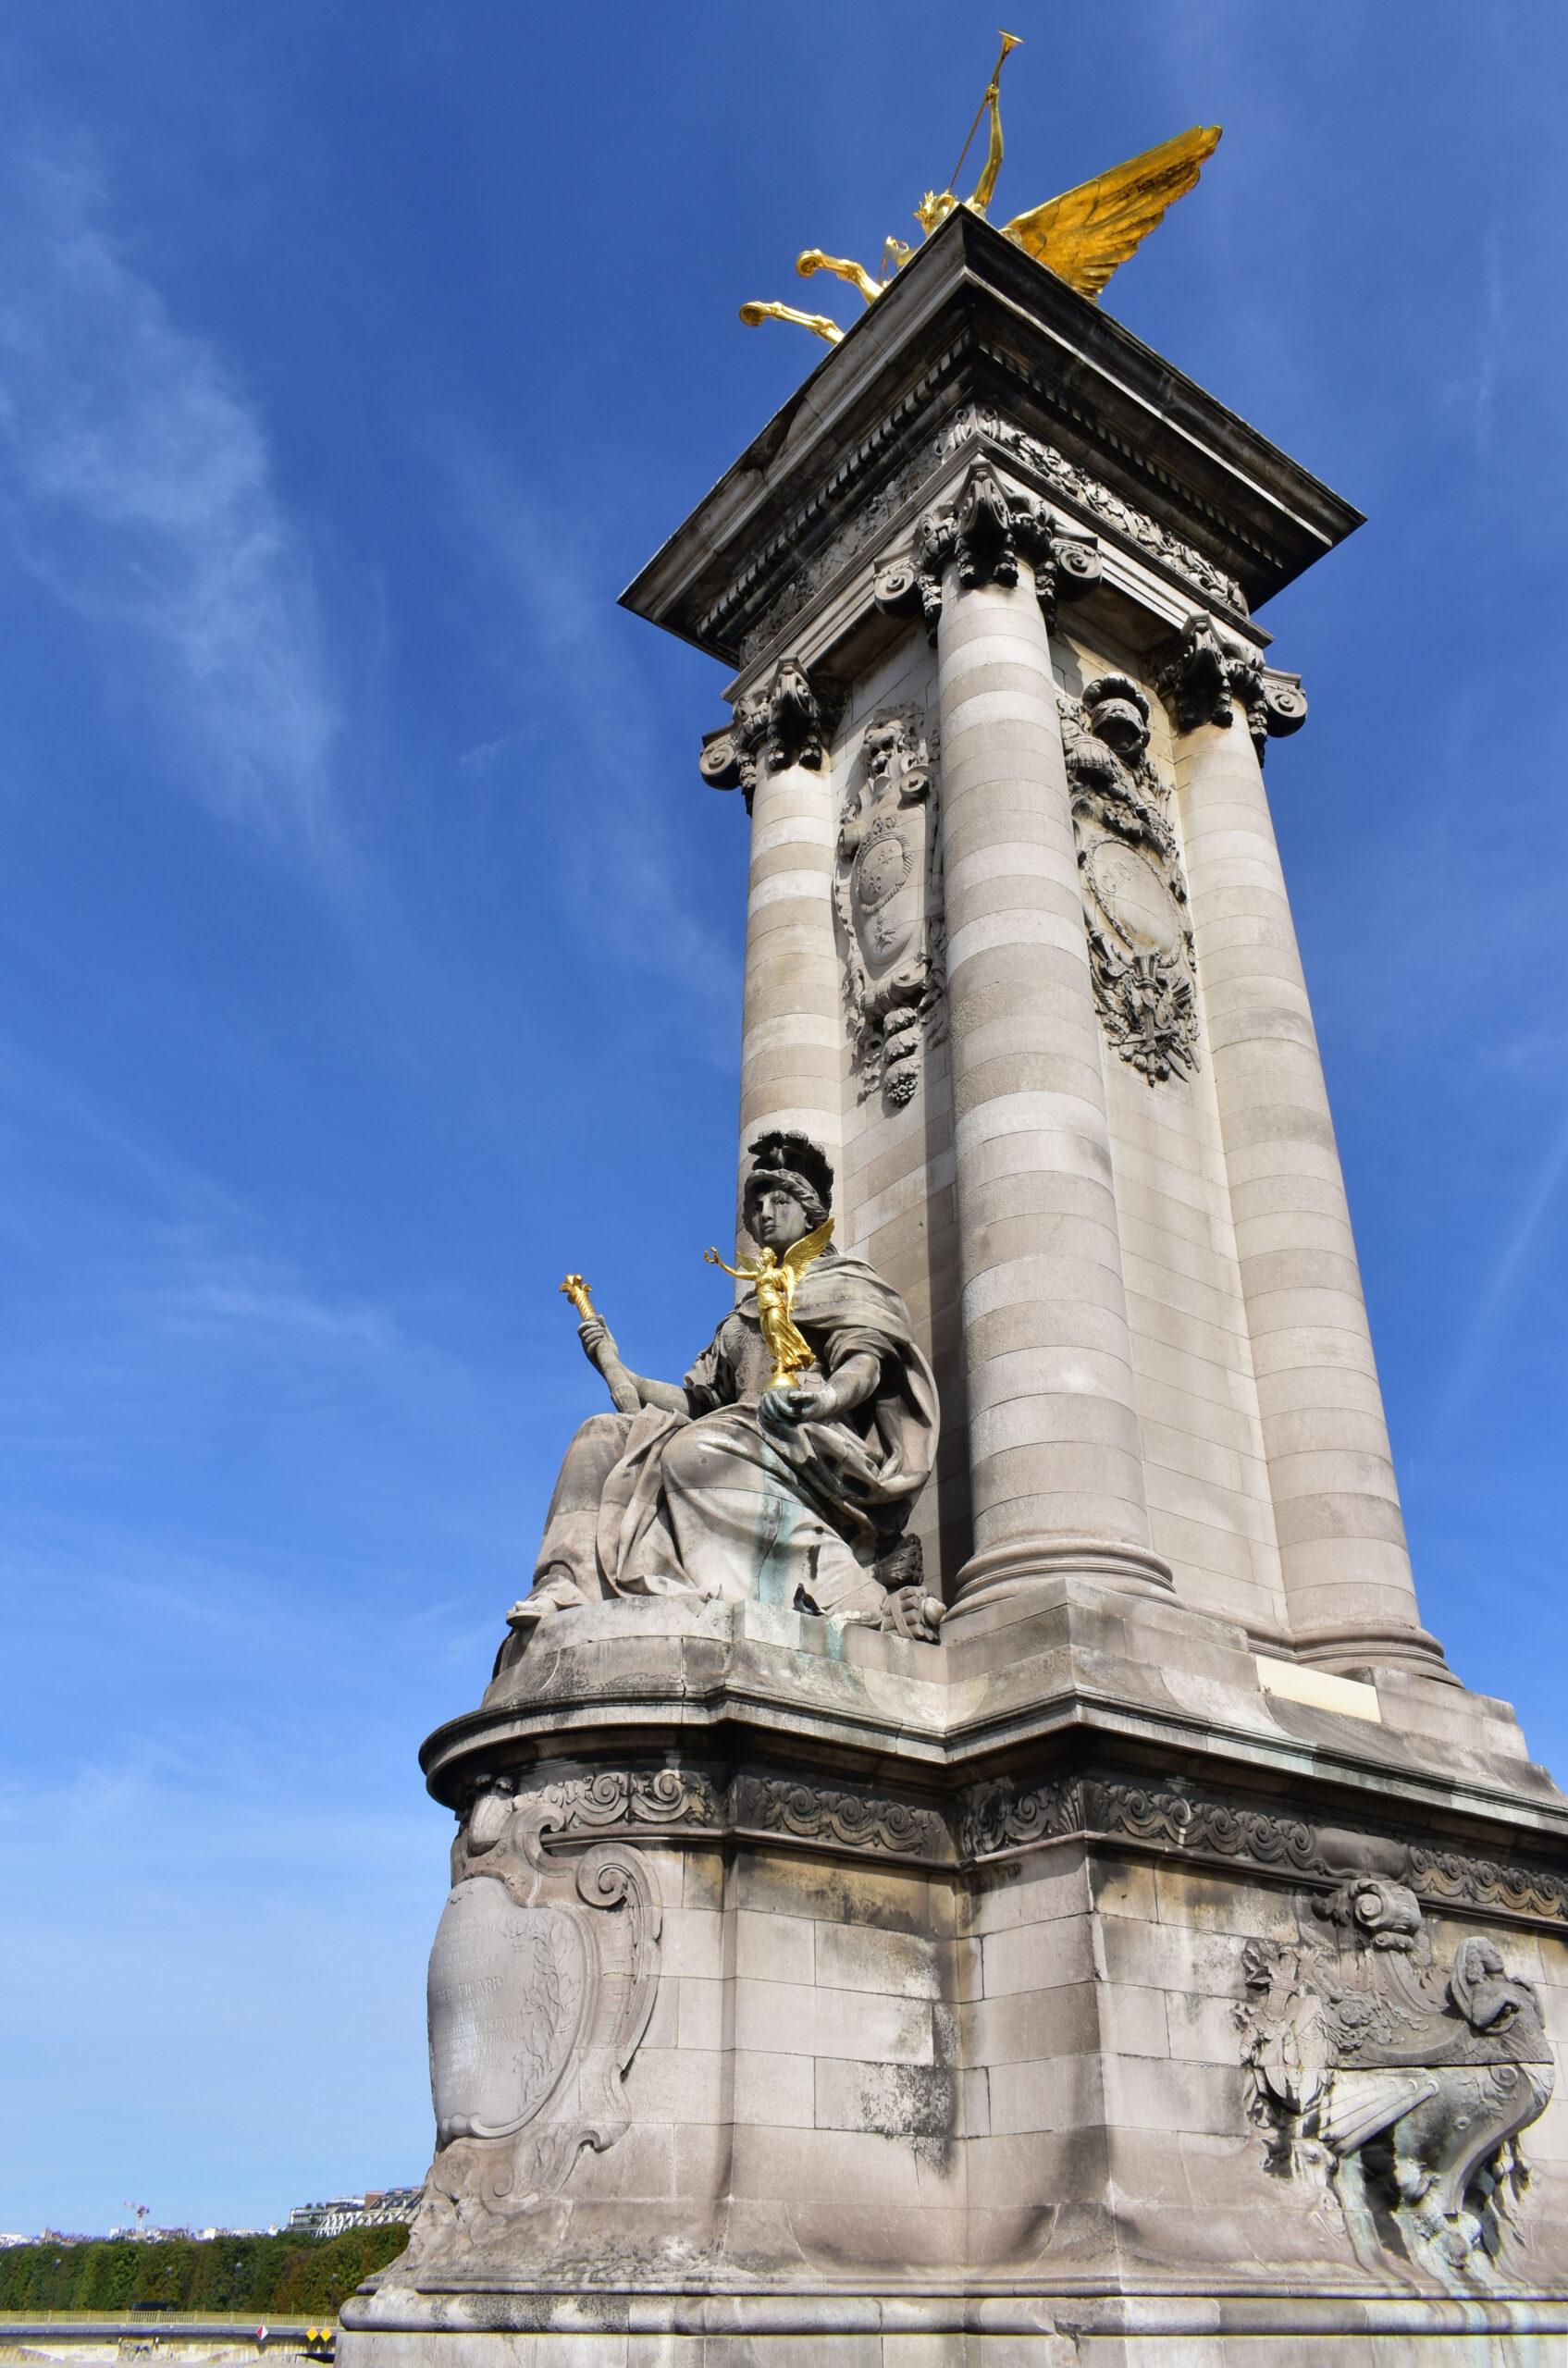 Pont Alexandre III Paris bro design arkitektur figurer pilarer